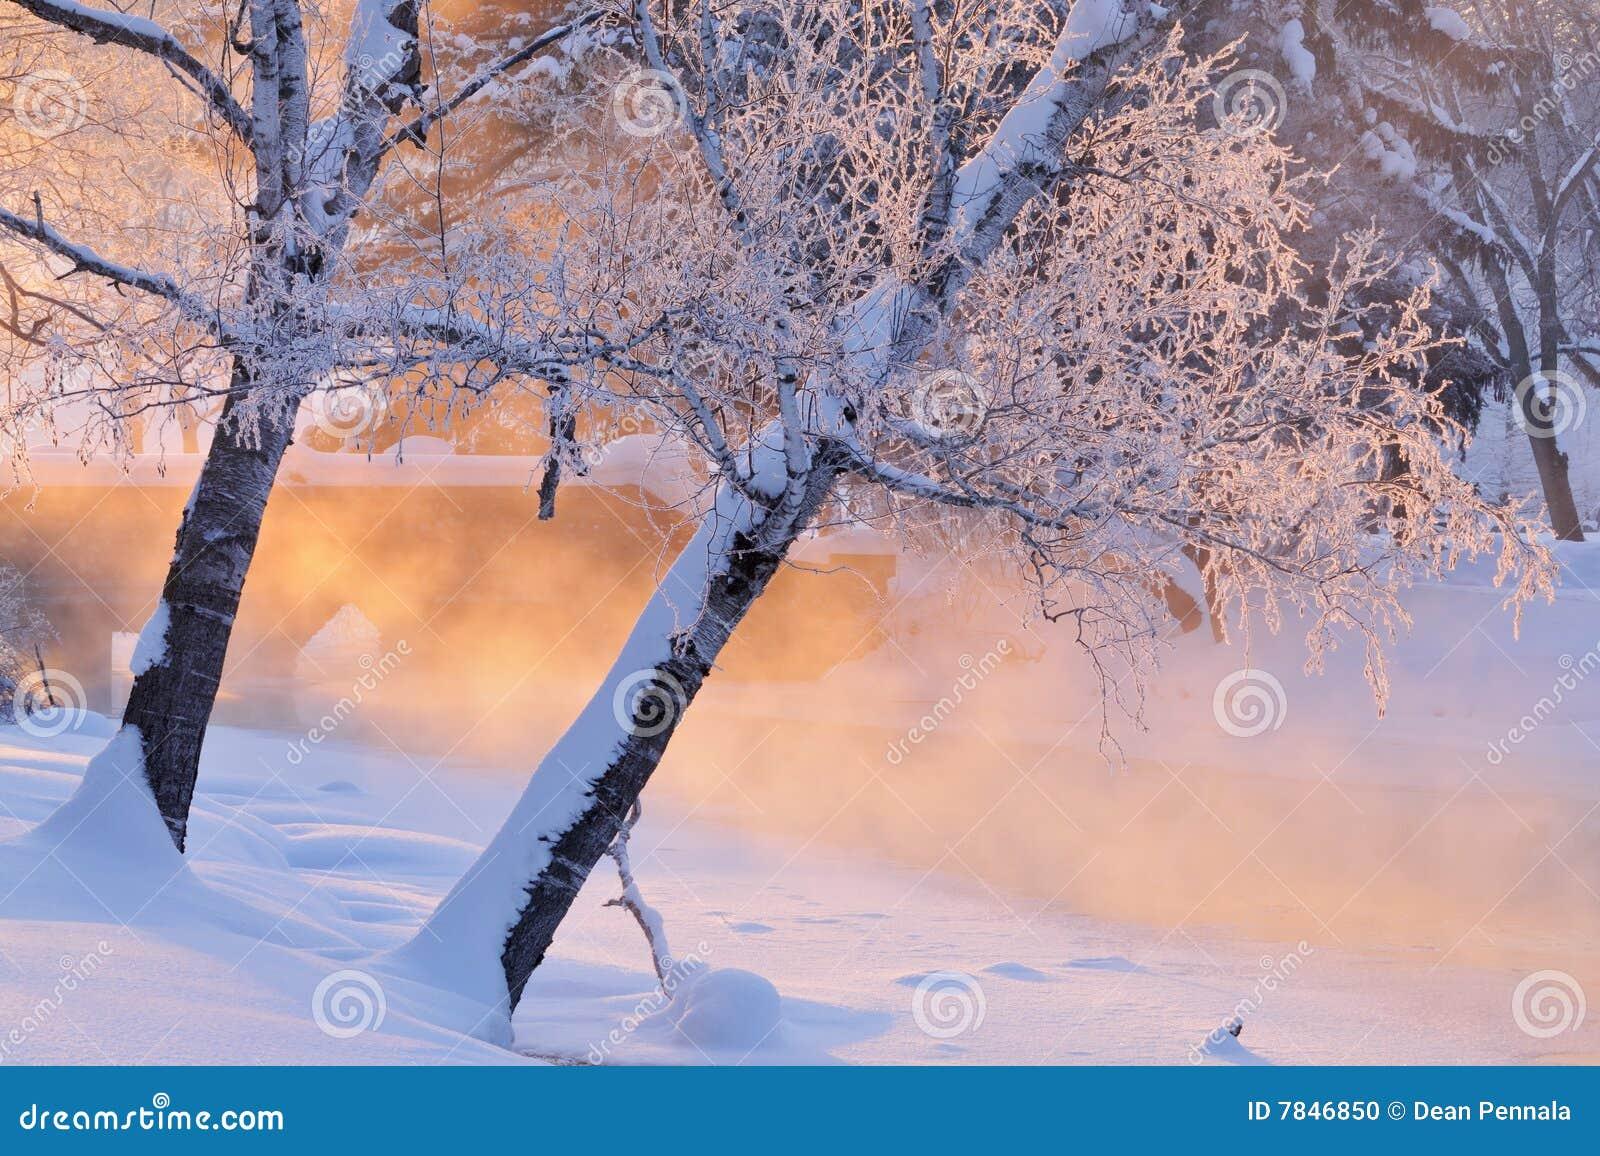 Nebelige Winter-Landschaft